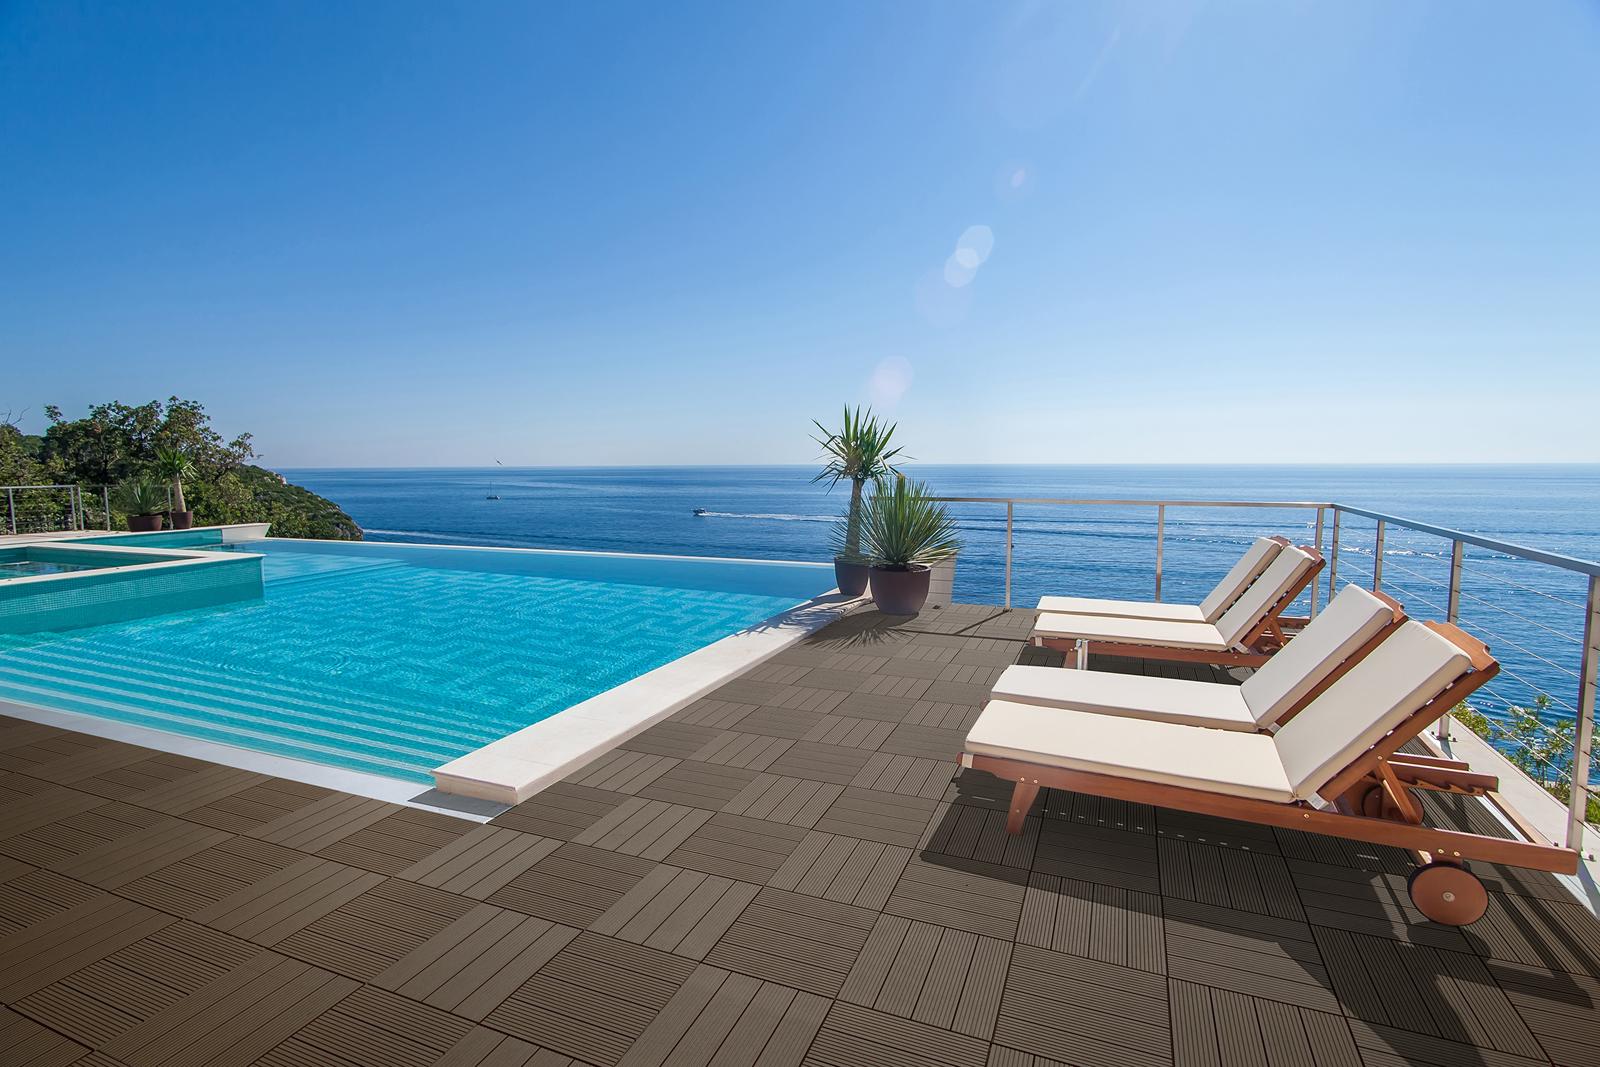 sam terrassenfliesen wpc teakfarben einzel fliese stecksystem auf lager. Black Bedroom Furniture Sets. Home Design Ideas